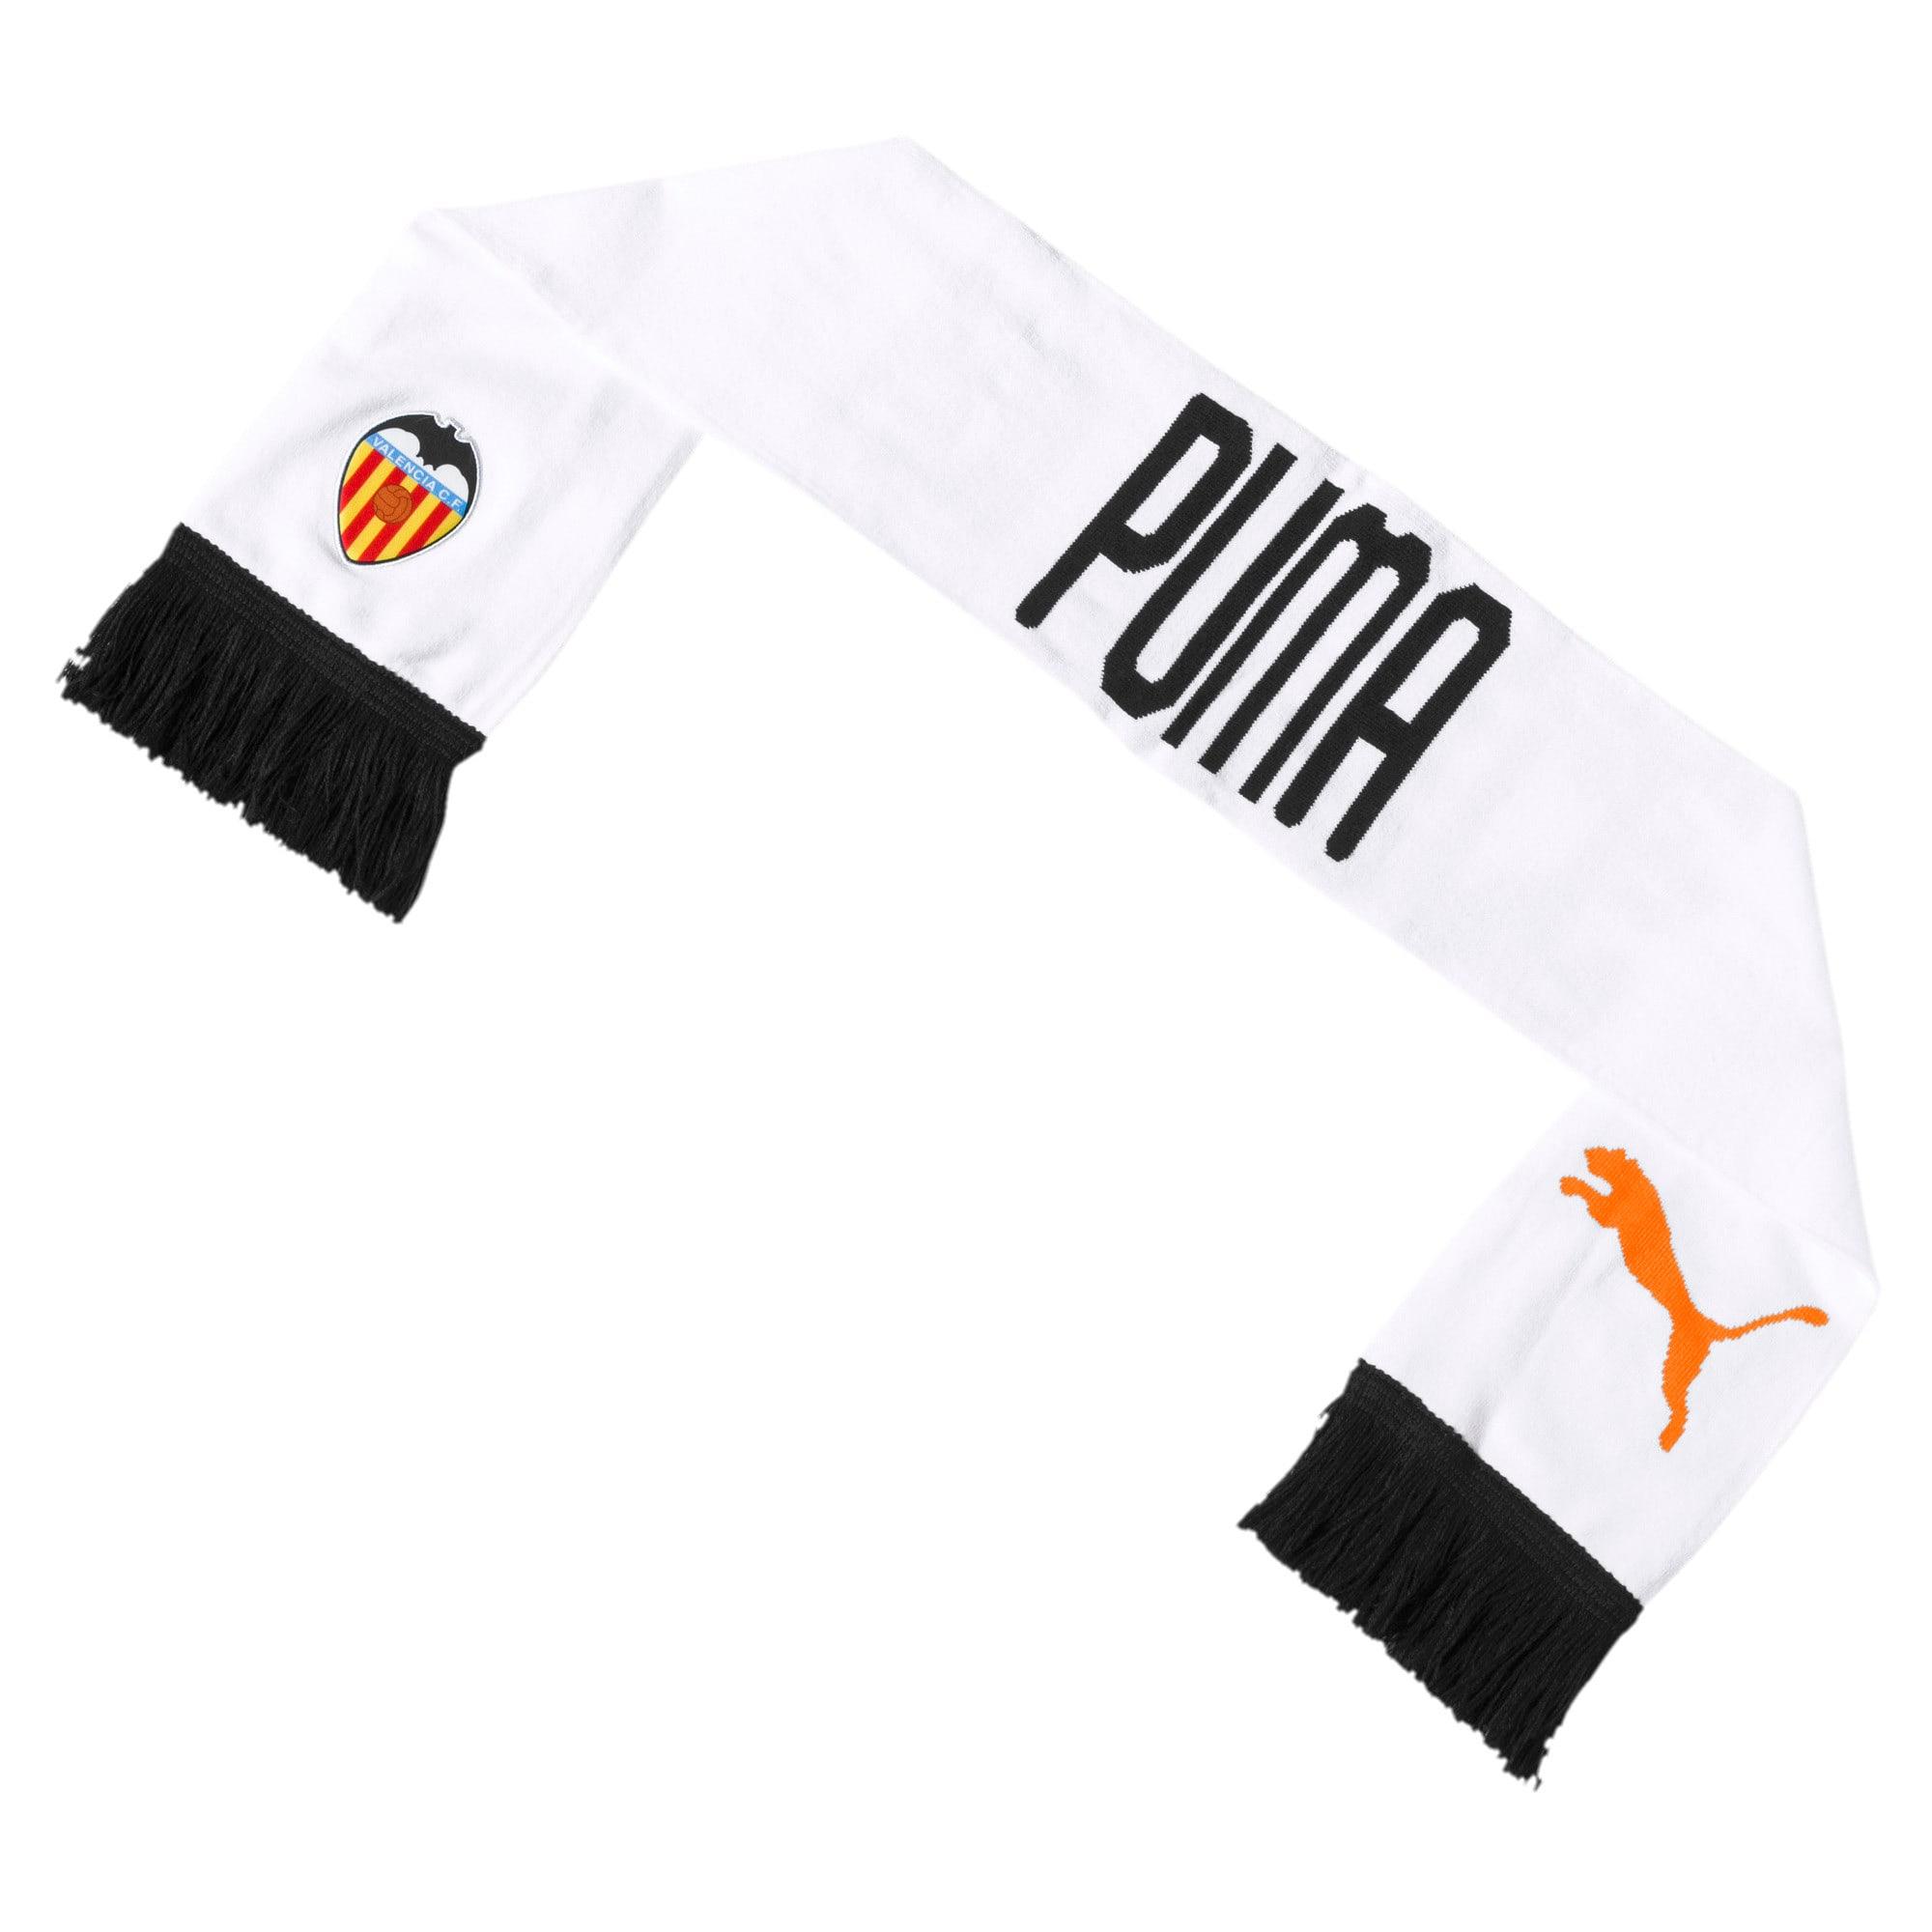 Thumbnail 2 van Valencia CF fansjaal, Puma wit-Puma zwart, medium